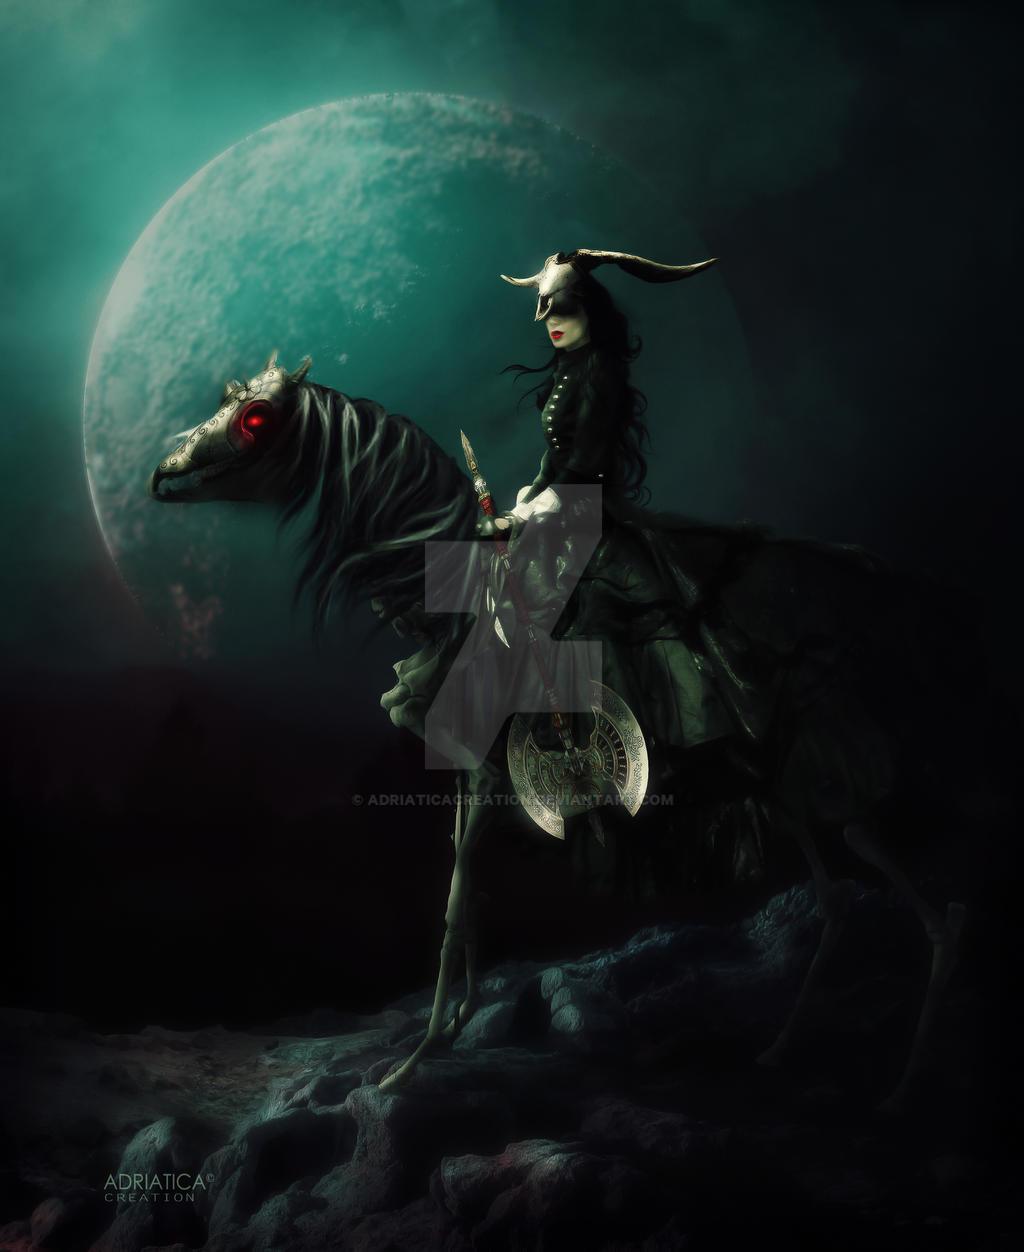 Awaken by the Moon